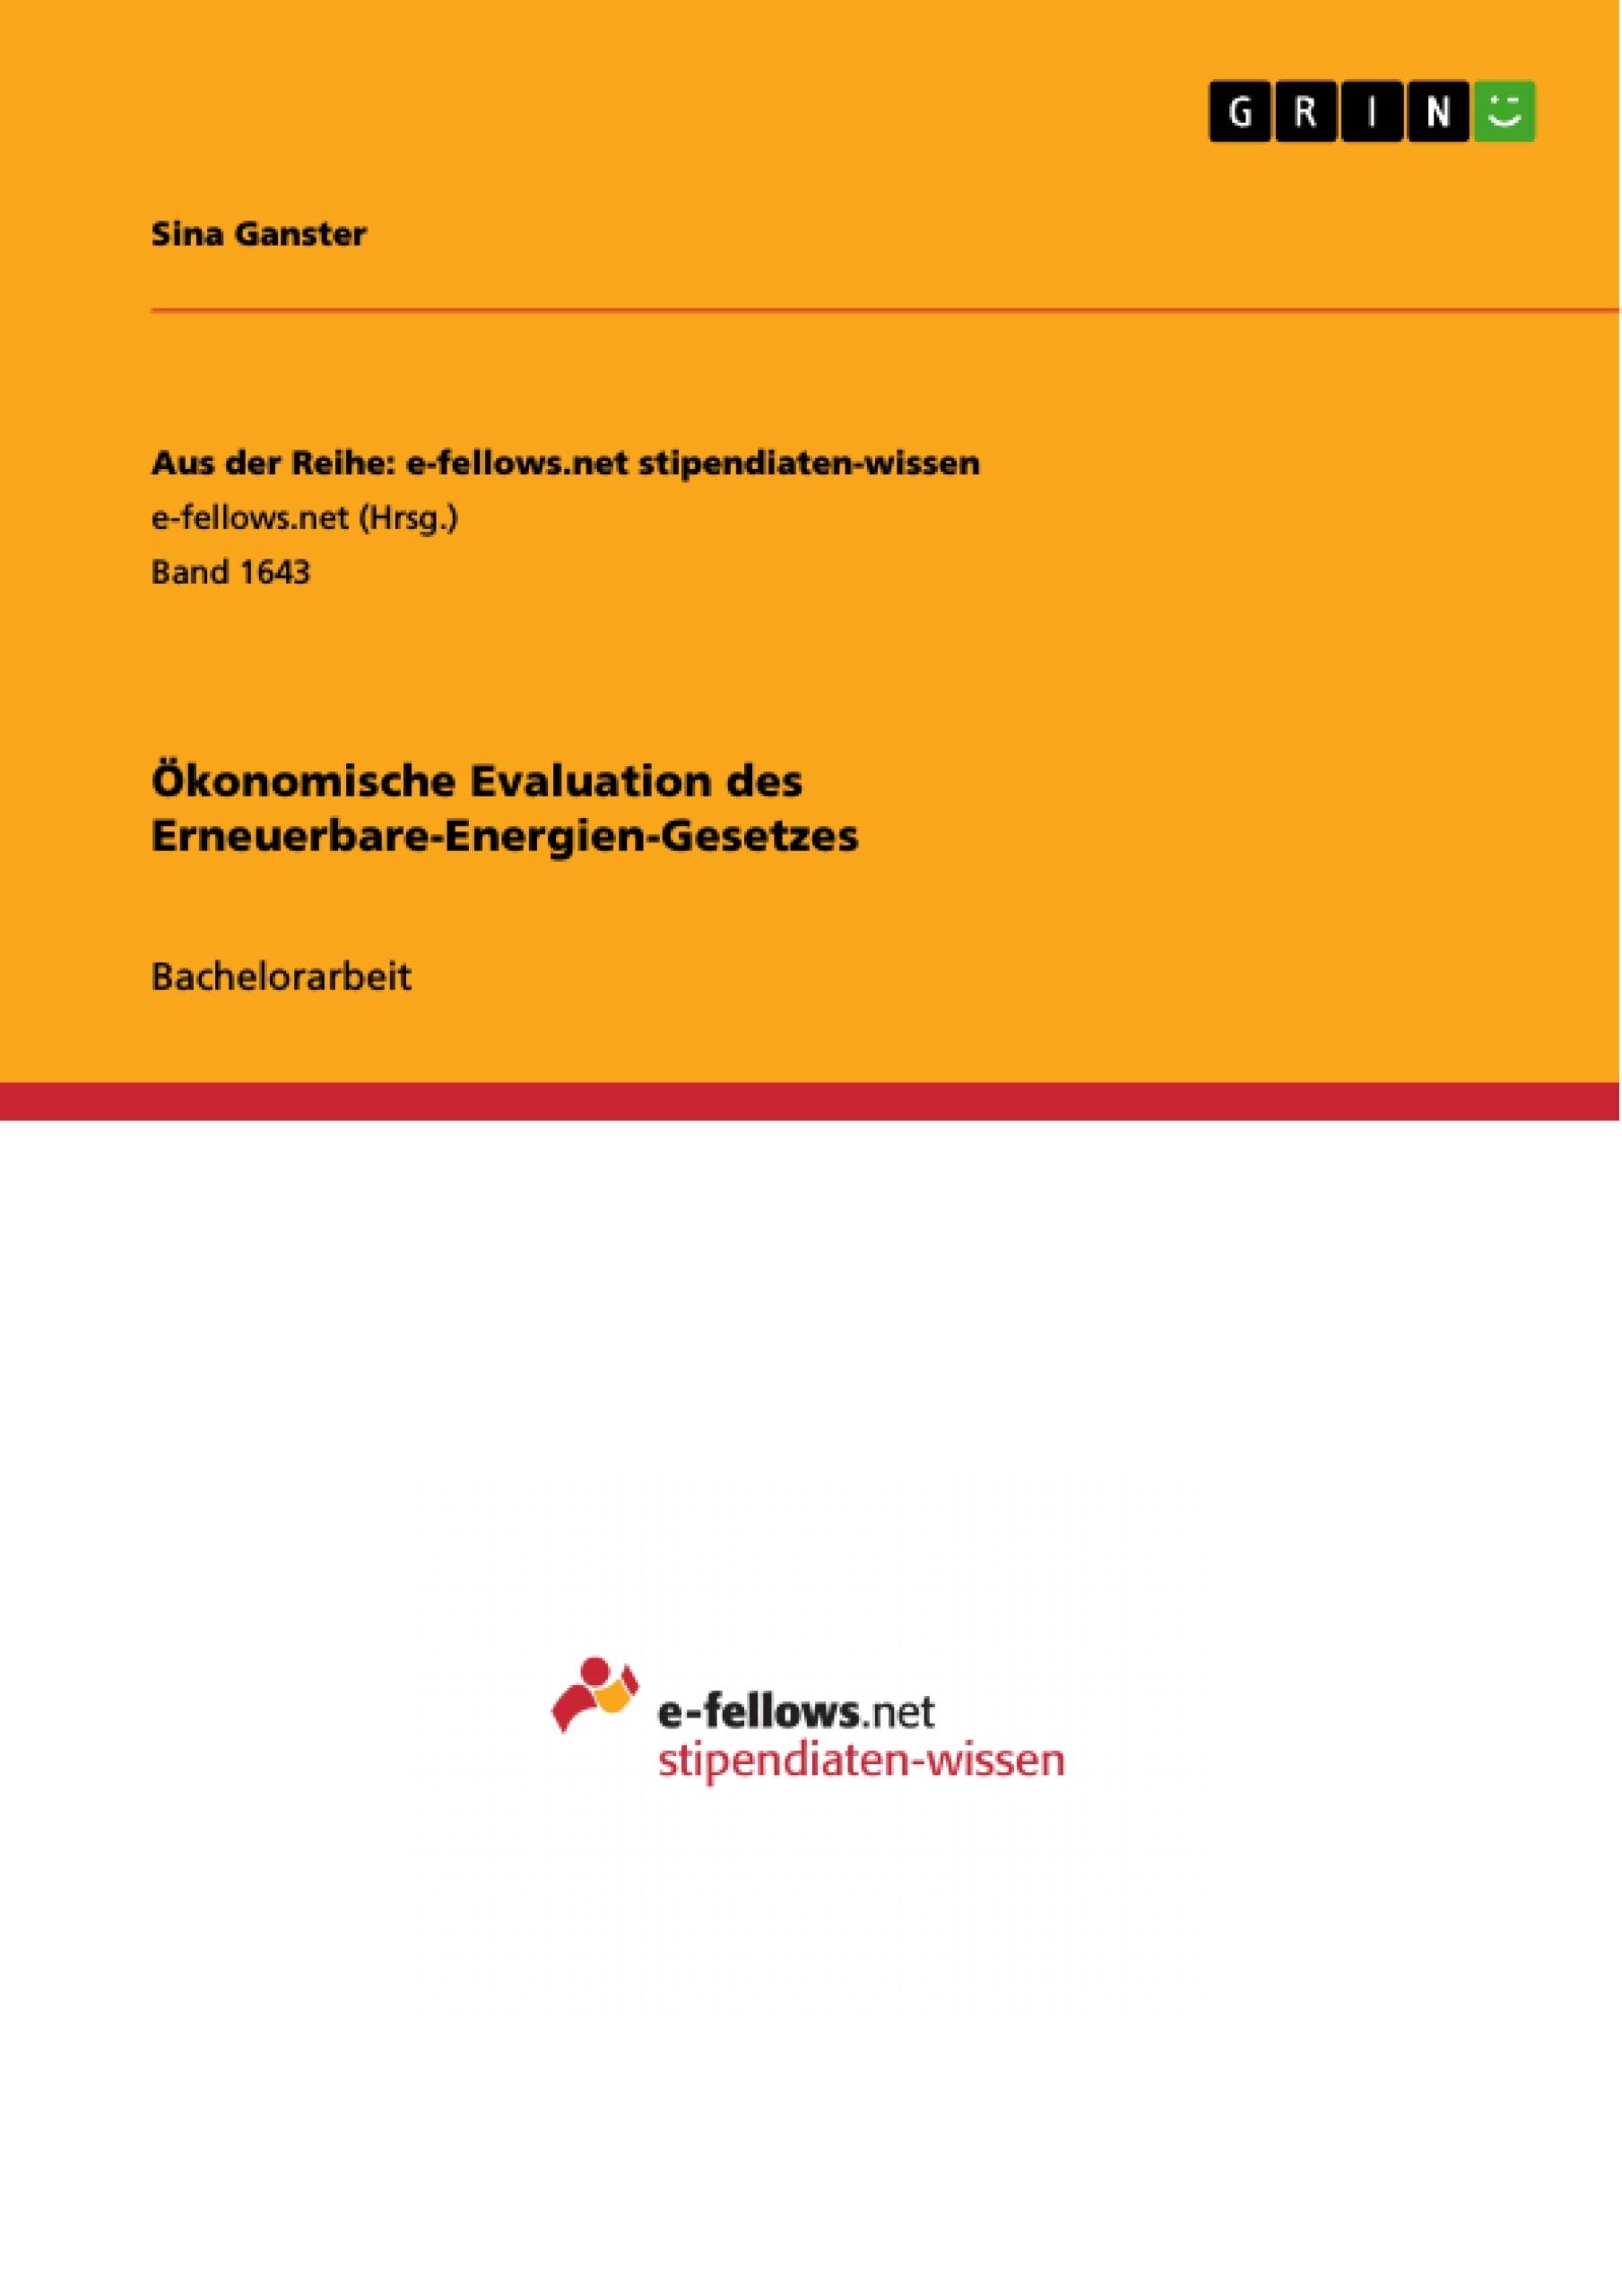 Titel: Ökonomische Evaluation des Erneuerbare-Energien-Gesetzes